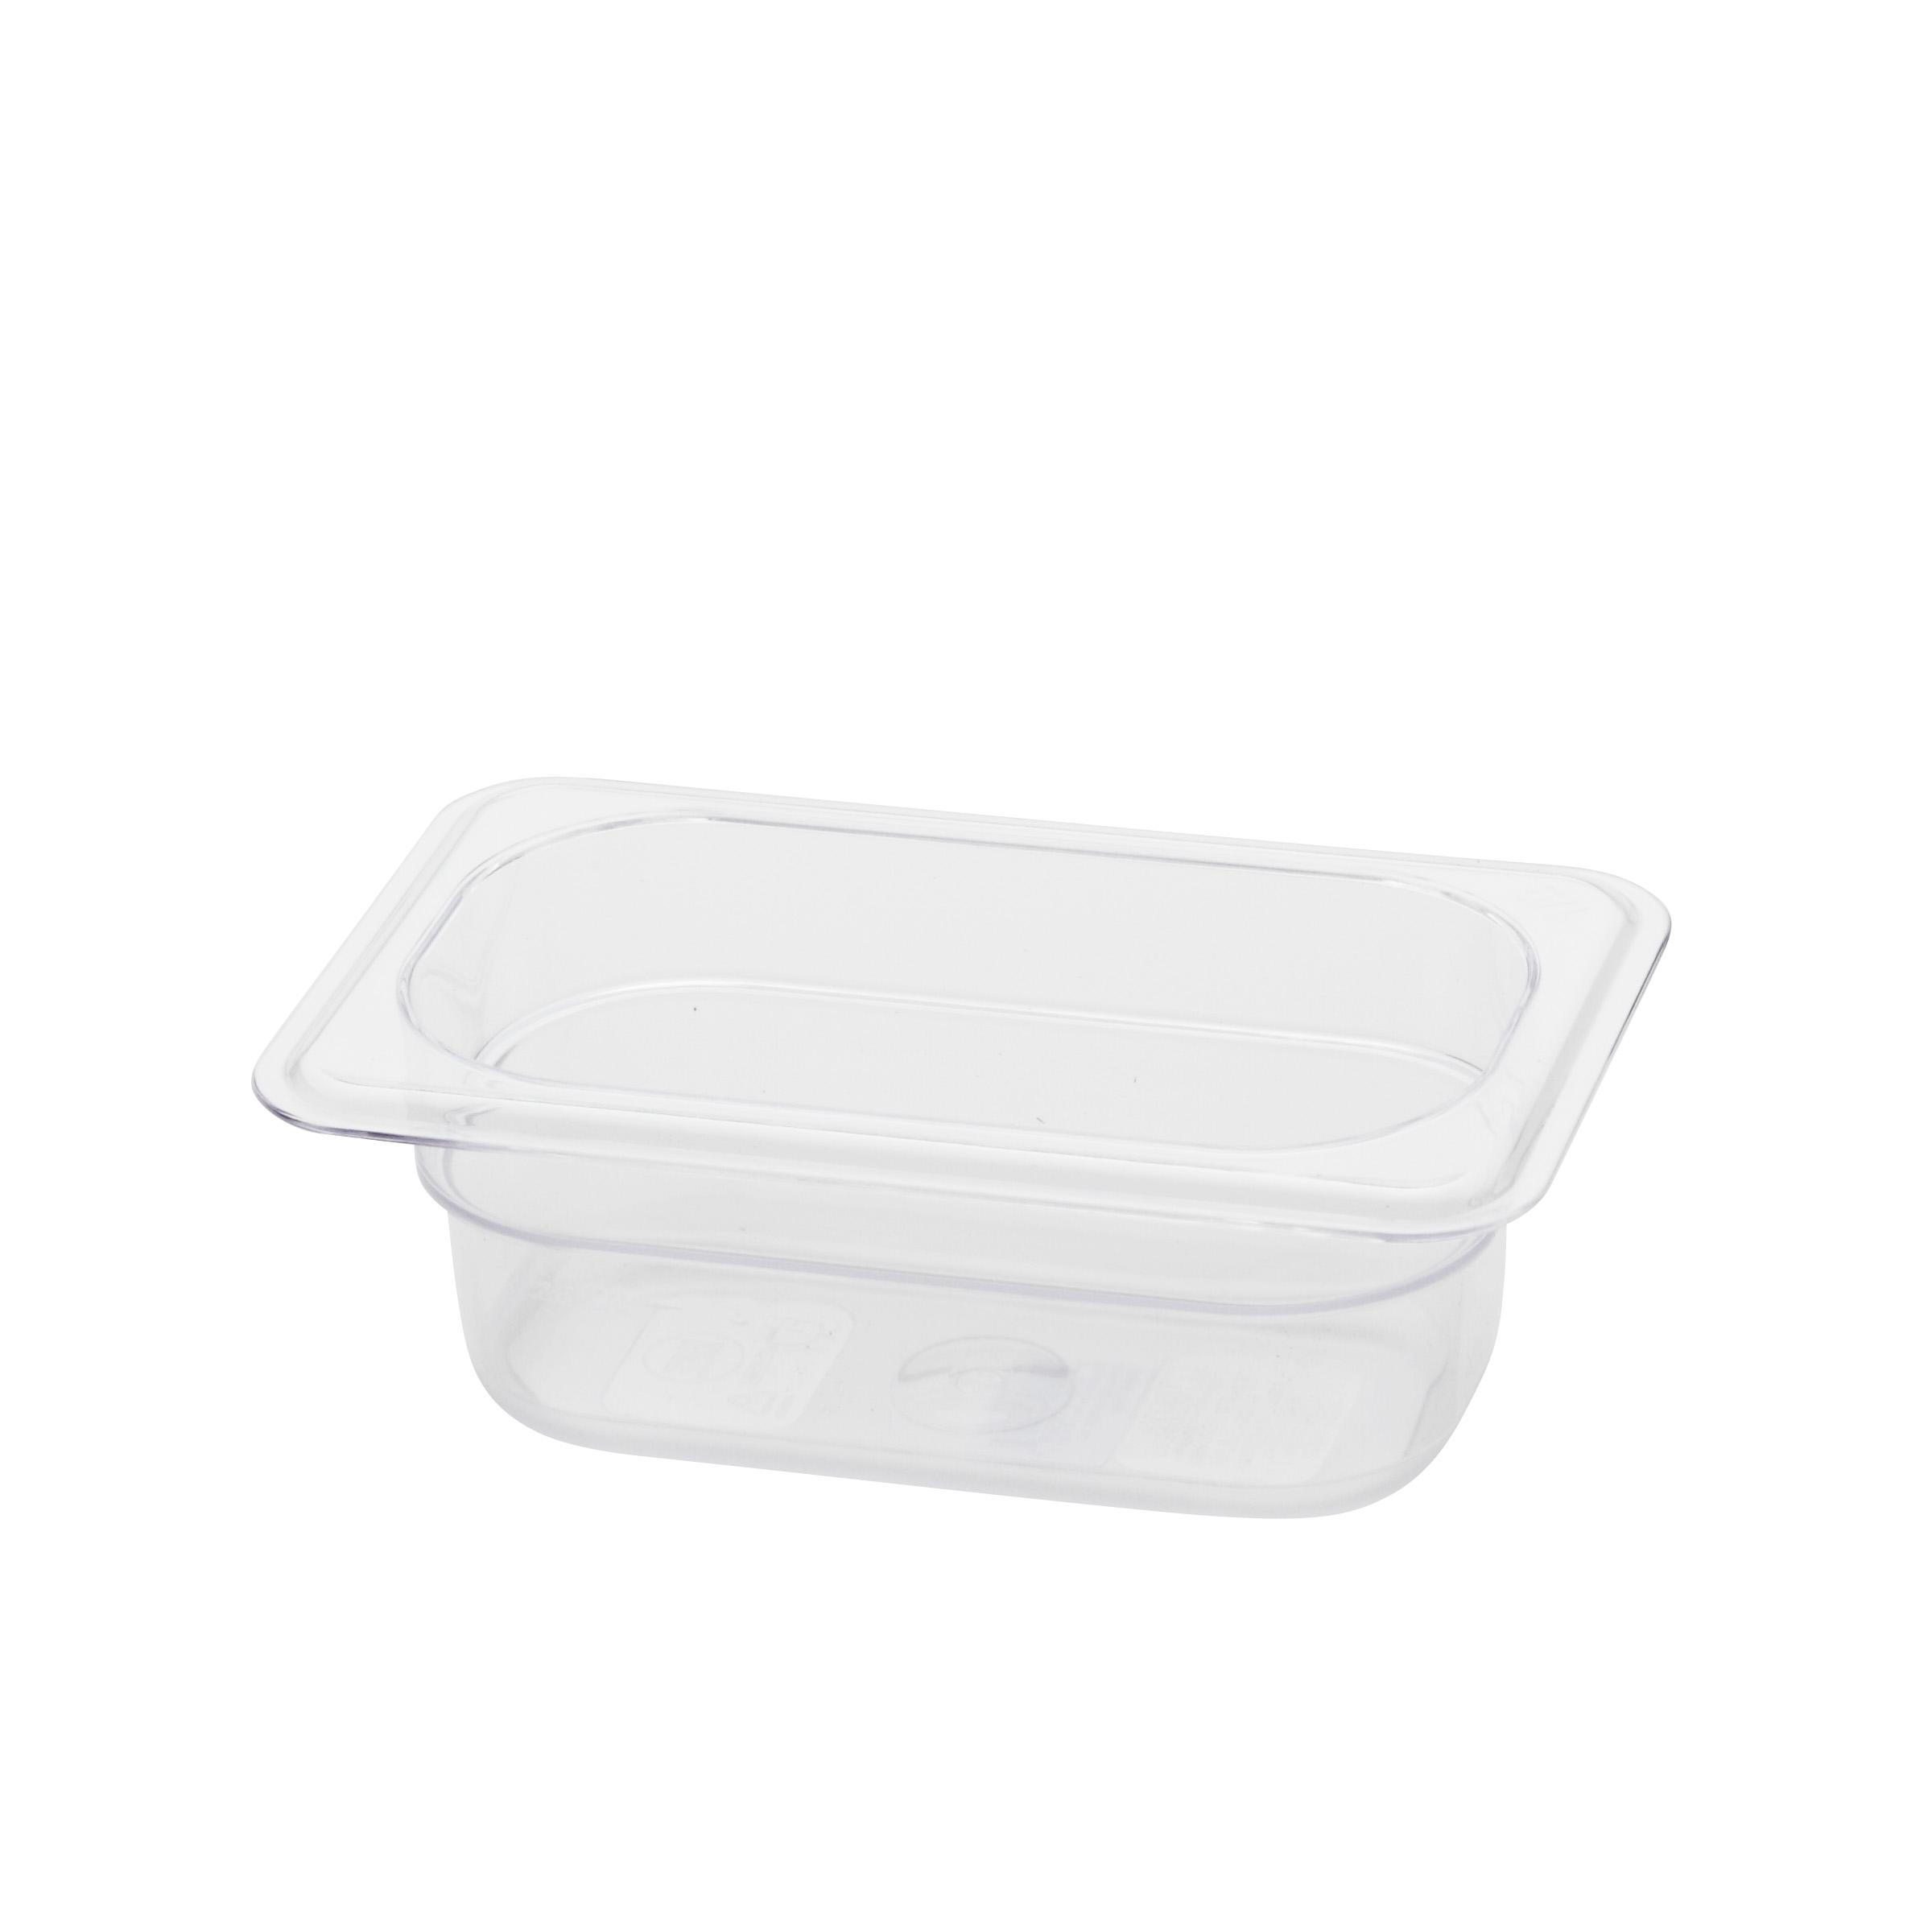 Royal Industries ROY PCP 1902 food pan, plastic